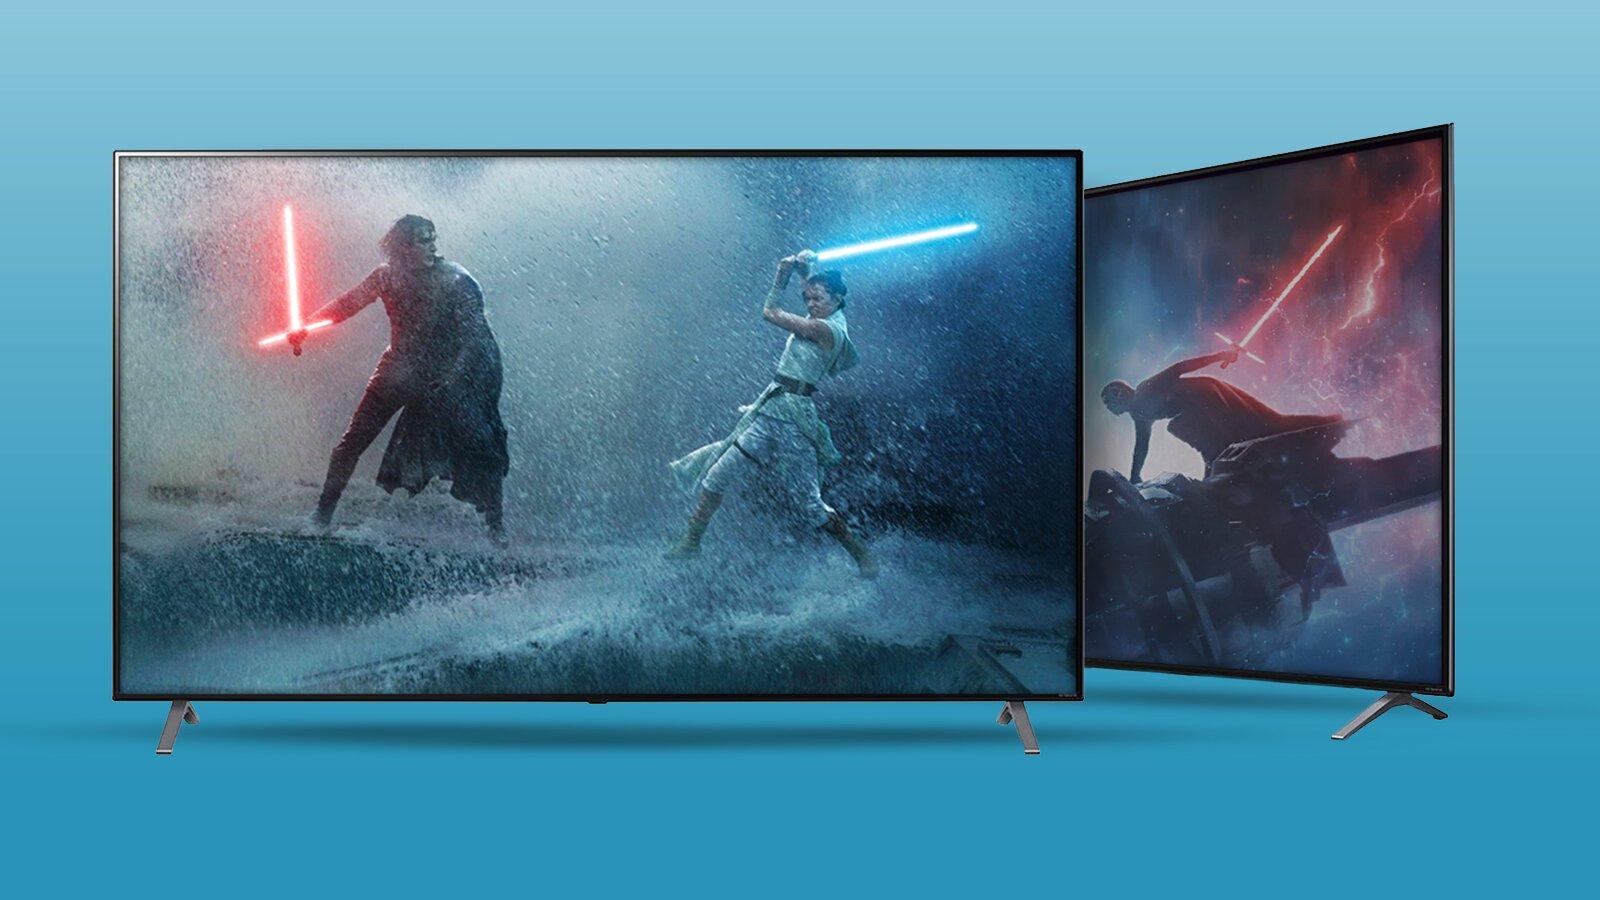 Review: smart tv nanocell 4k lg 75nano90, um espetáculo cinematográfico. Um dos maiores modelos da linha nanocell, a smart tv lg 75nano90, traz tudo o que um fã da sétima arte pode querer